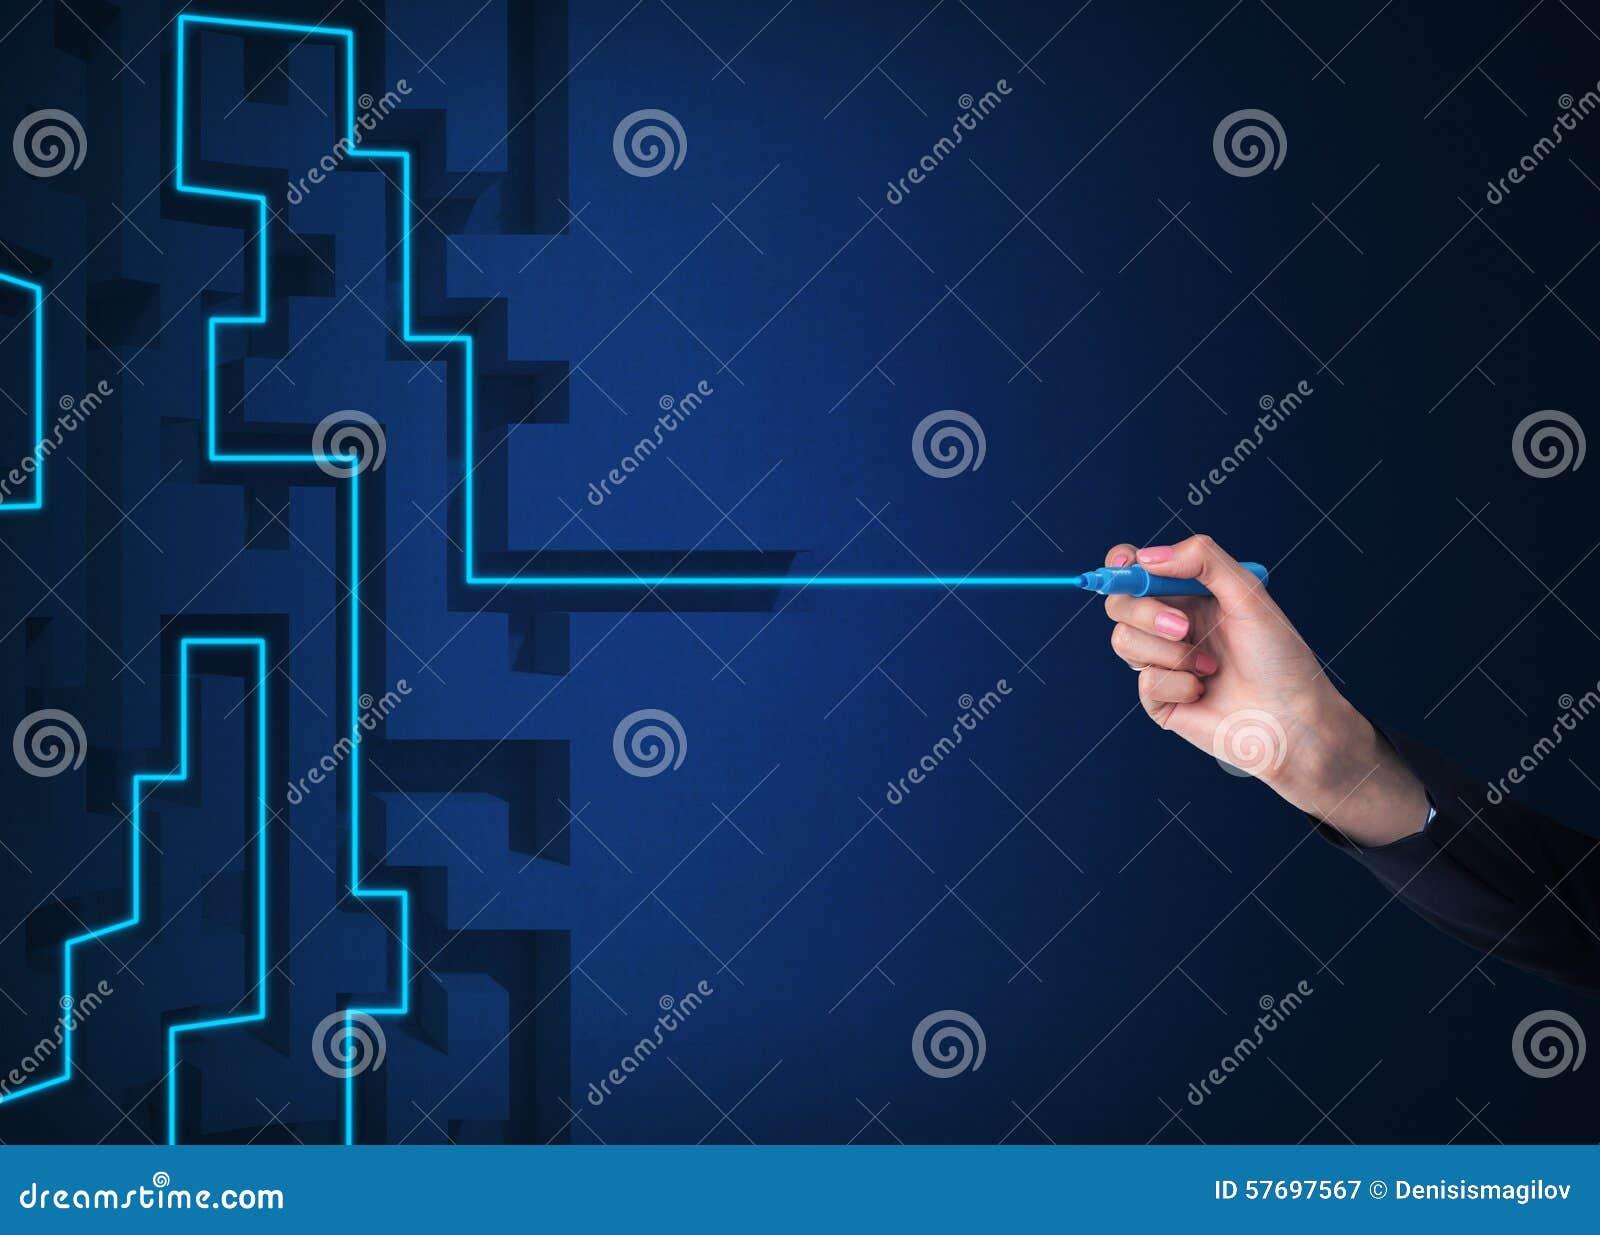 Una mano está dibujando una línea como solución del laberinto